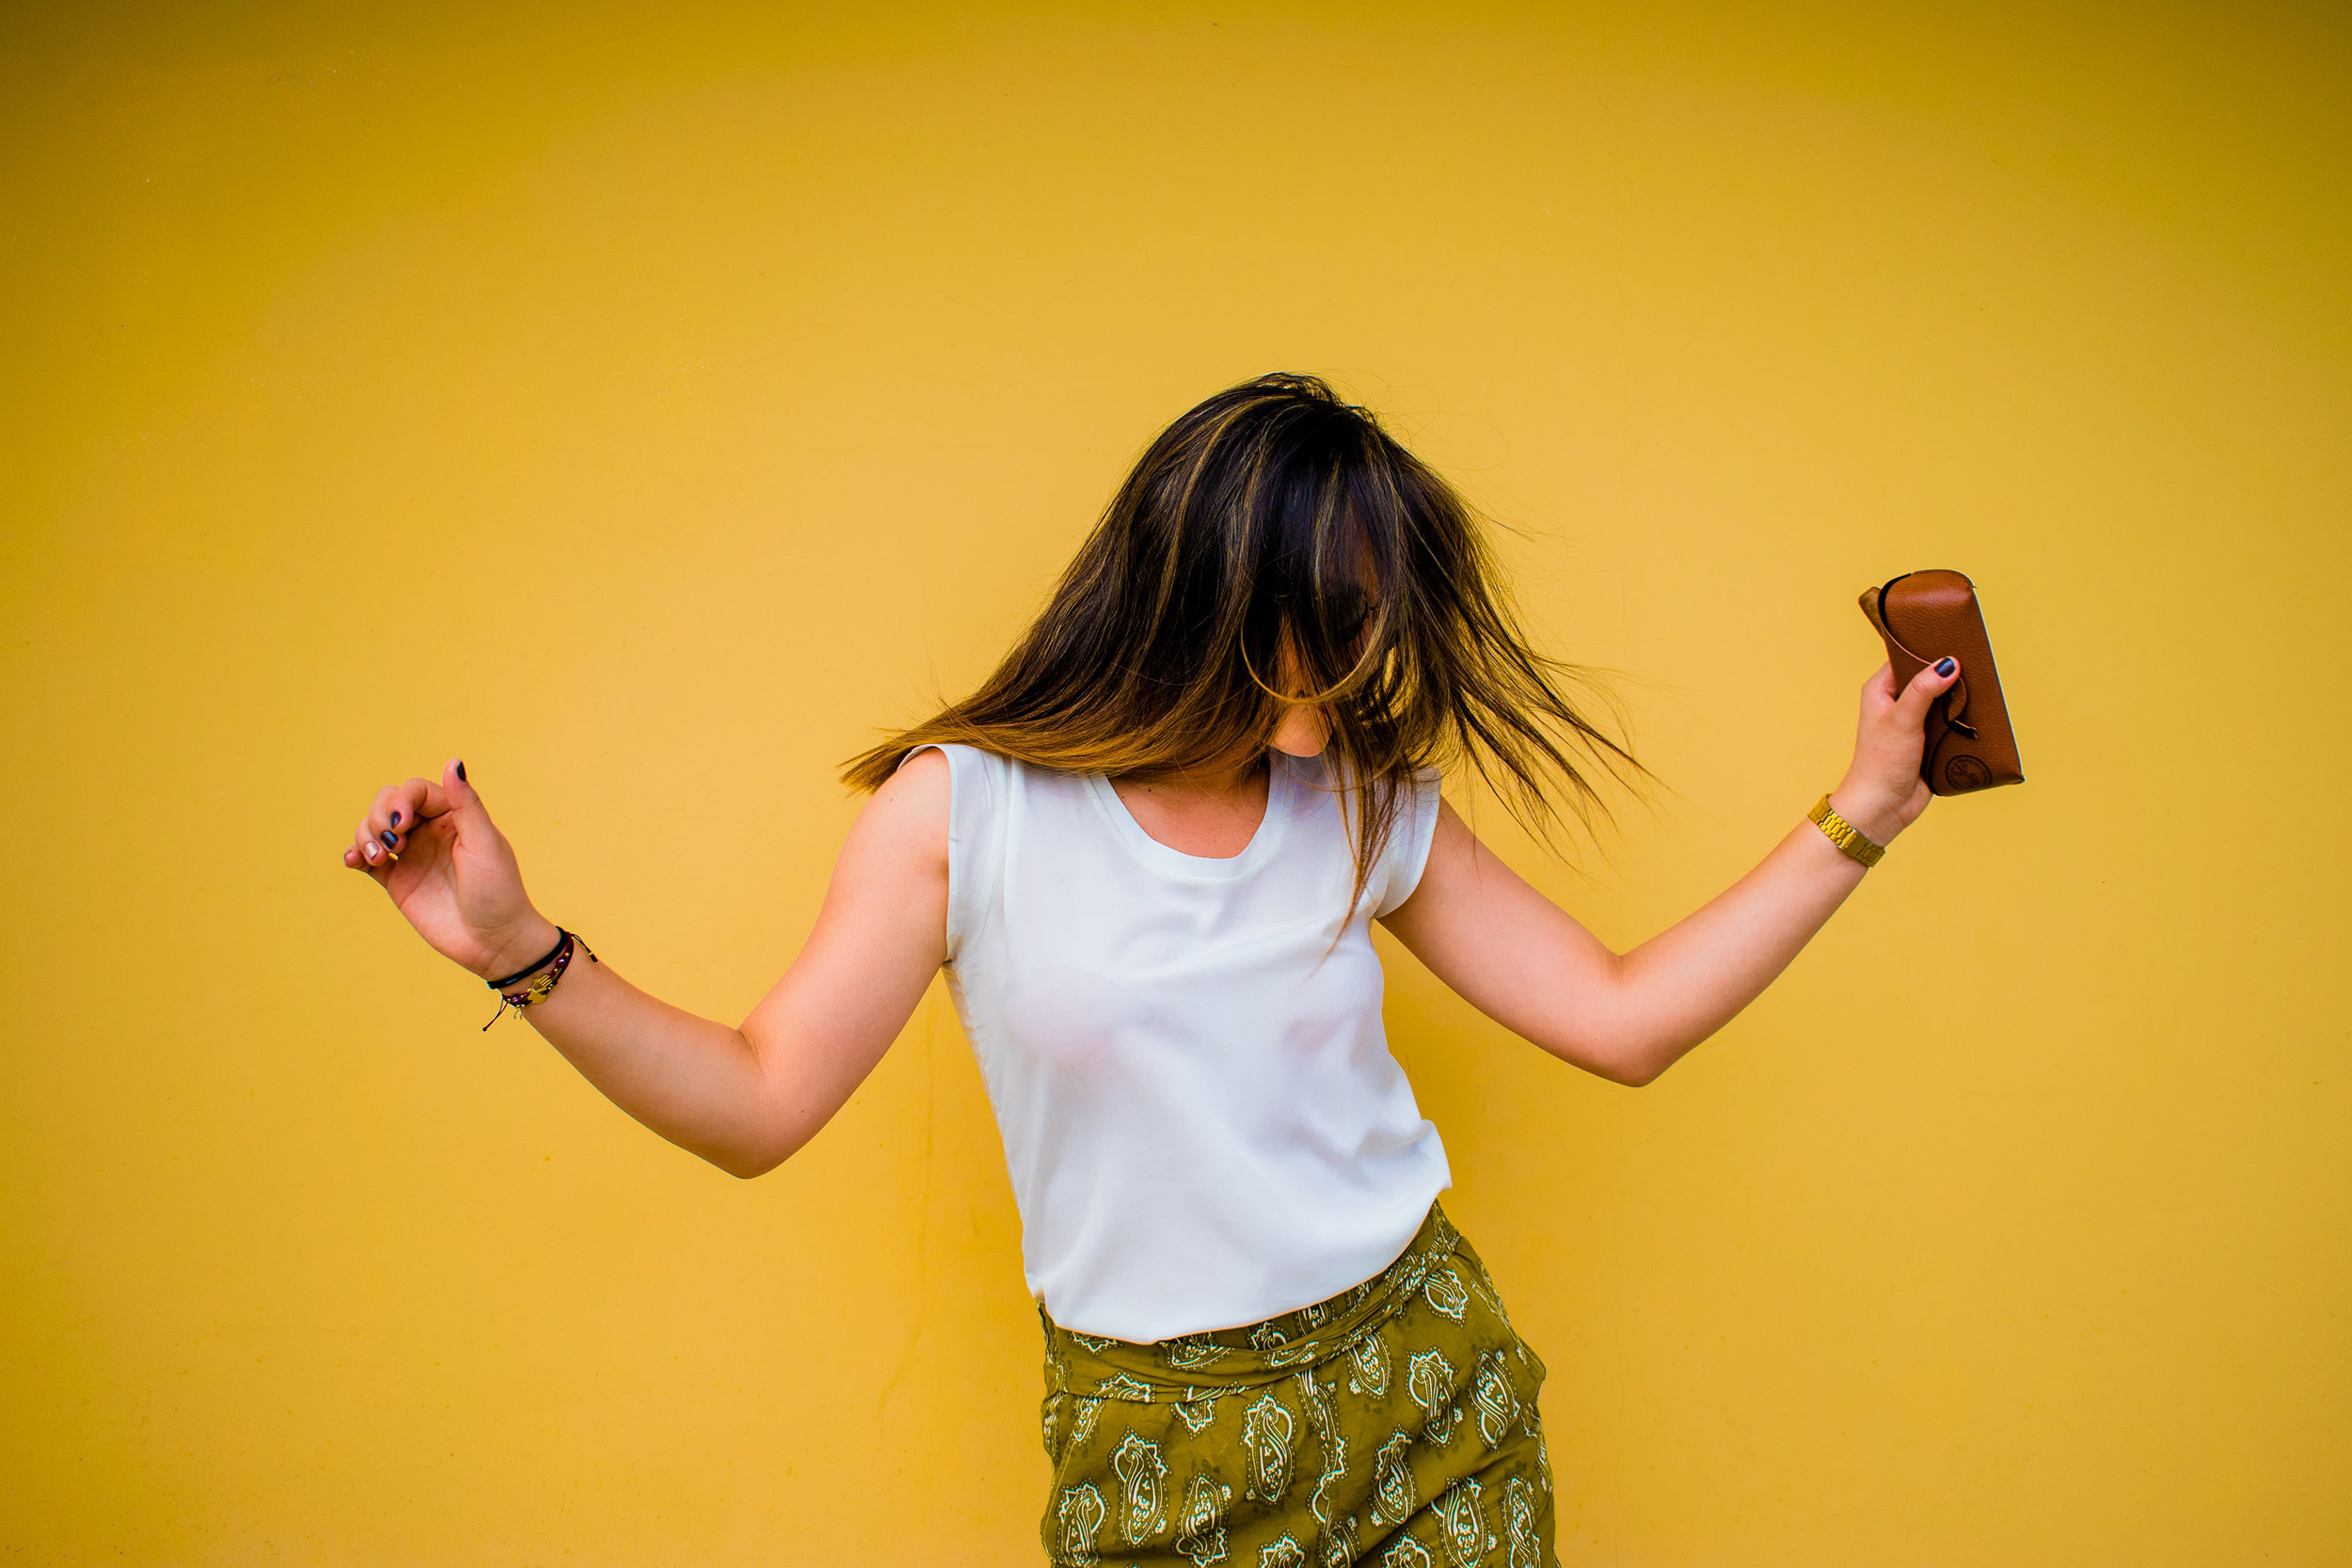 Girl dancing on yellow backdrop